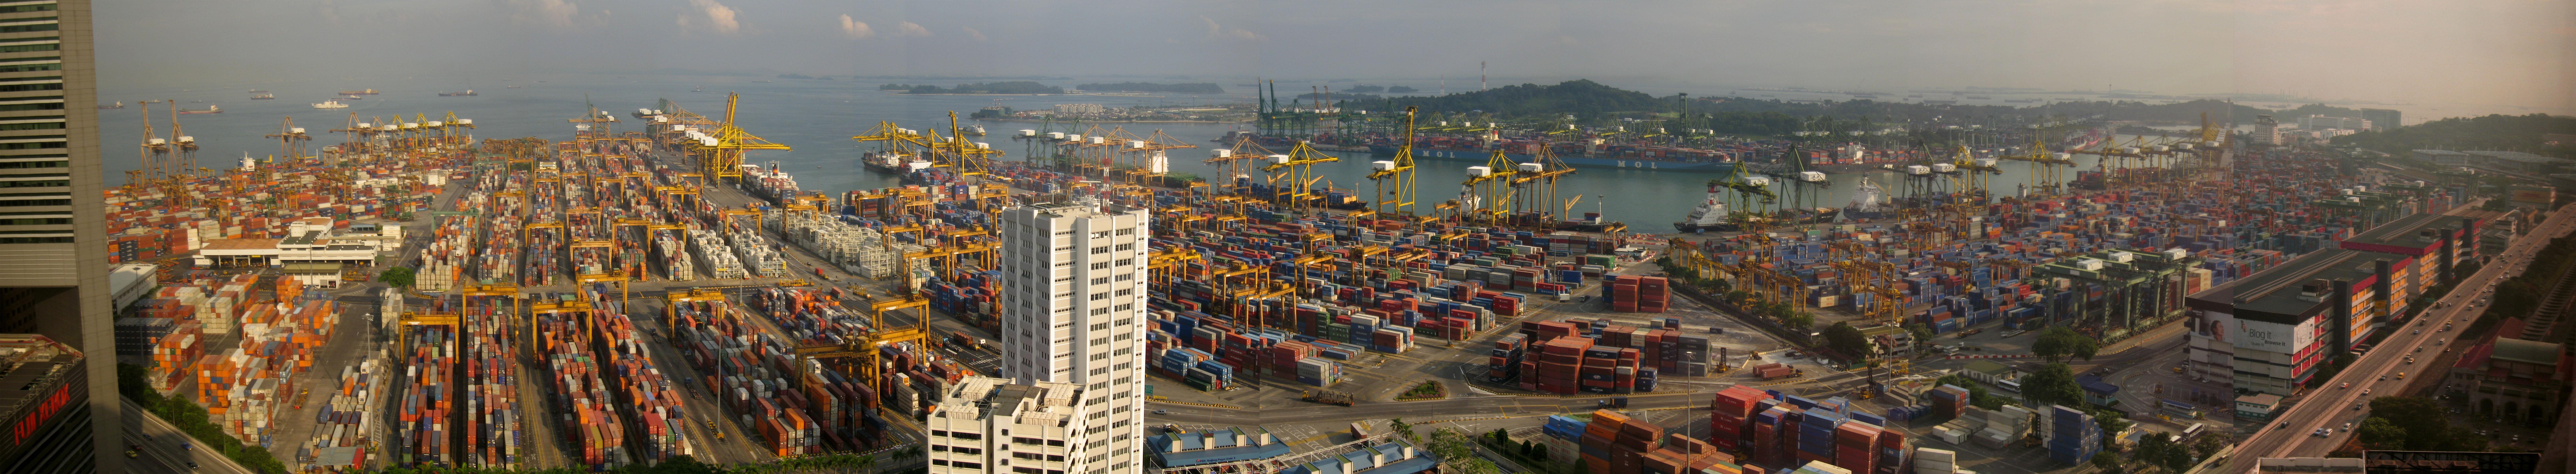 singapore_port_panorama.jpg